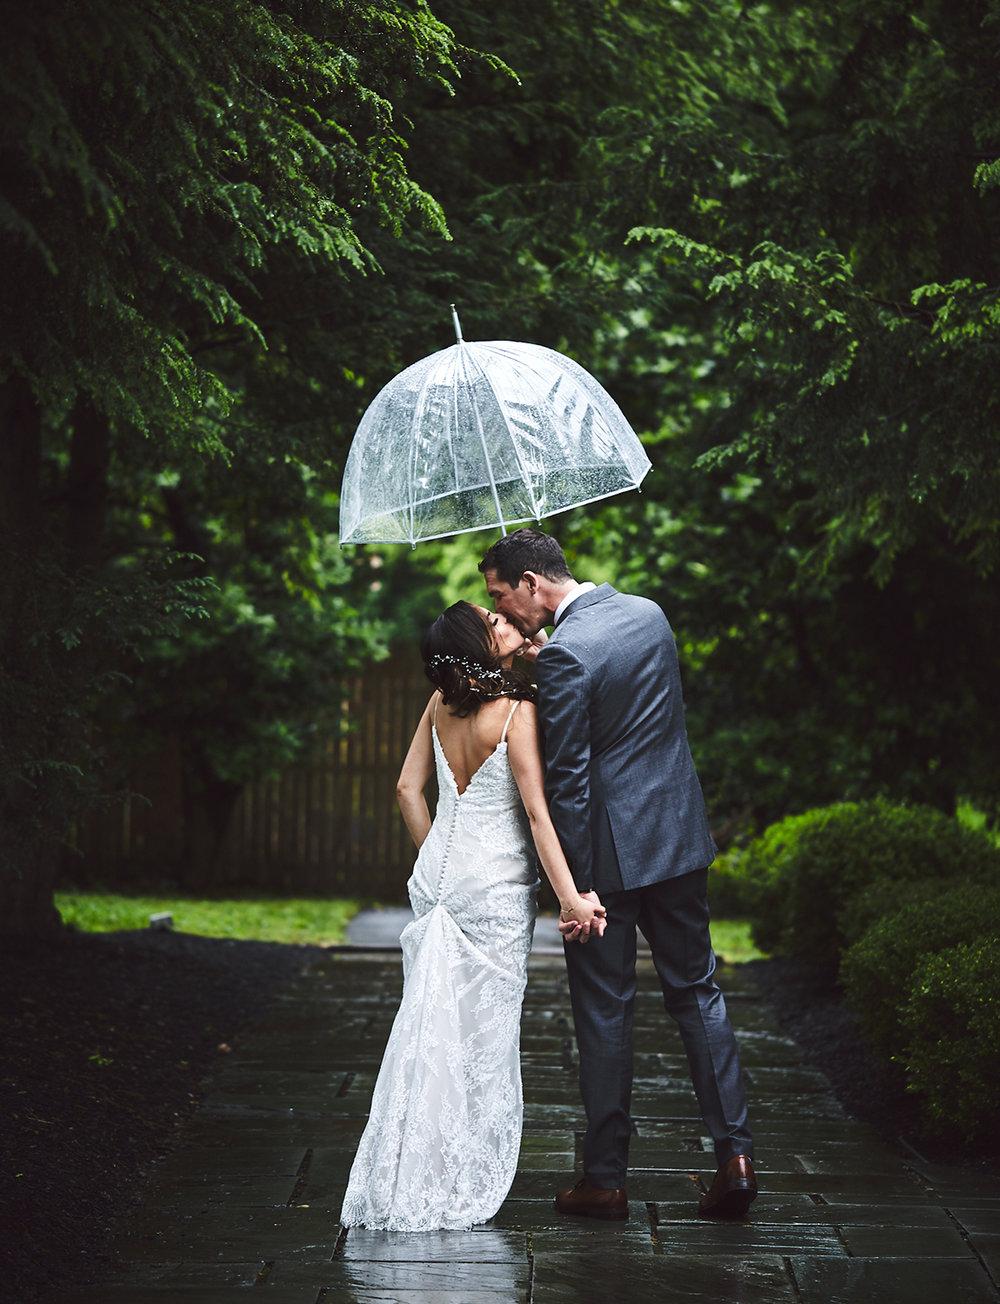 180610_TheRylandInnWeddingPhotography_RainyWeddingPhotography_By_BriJohnsonWeddings_0136.jpg